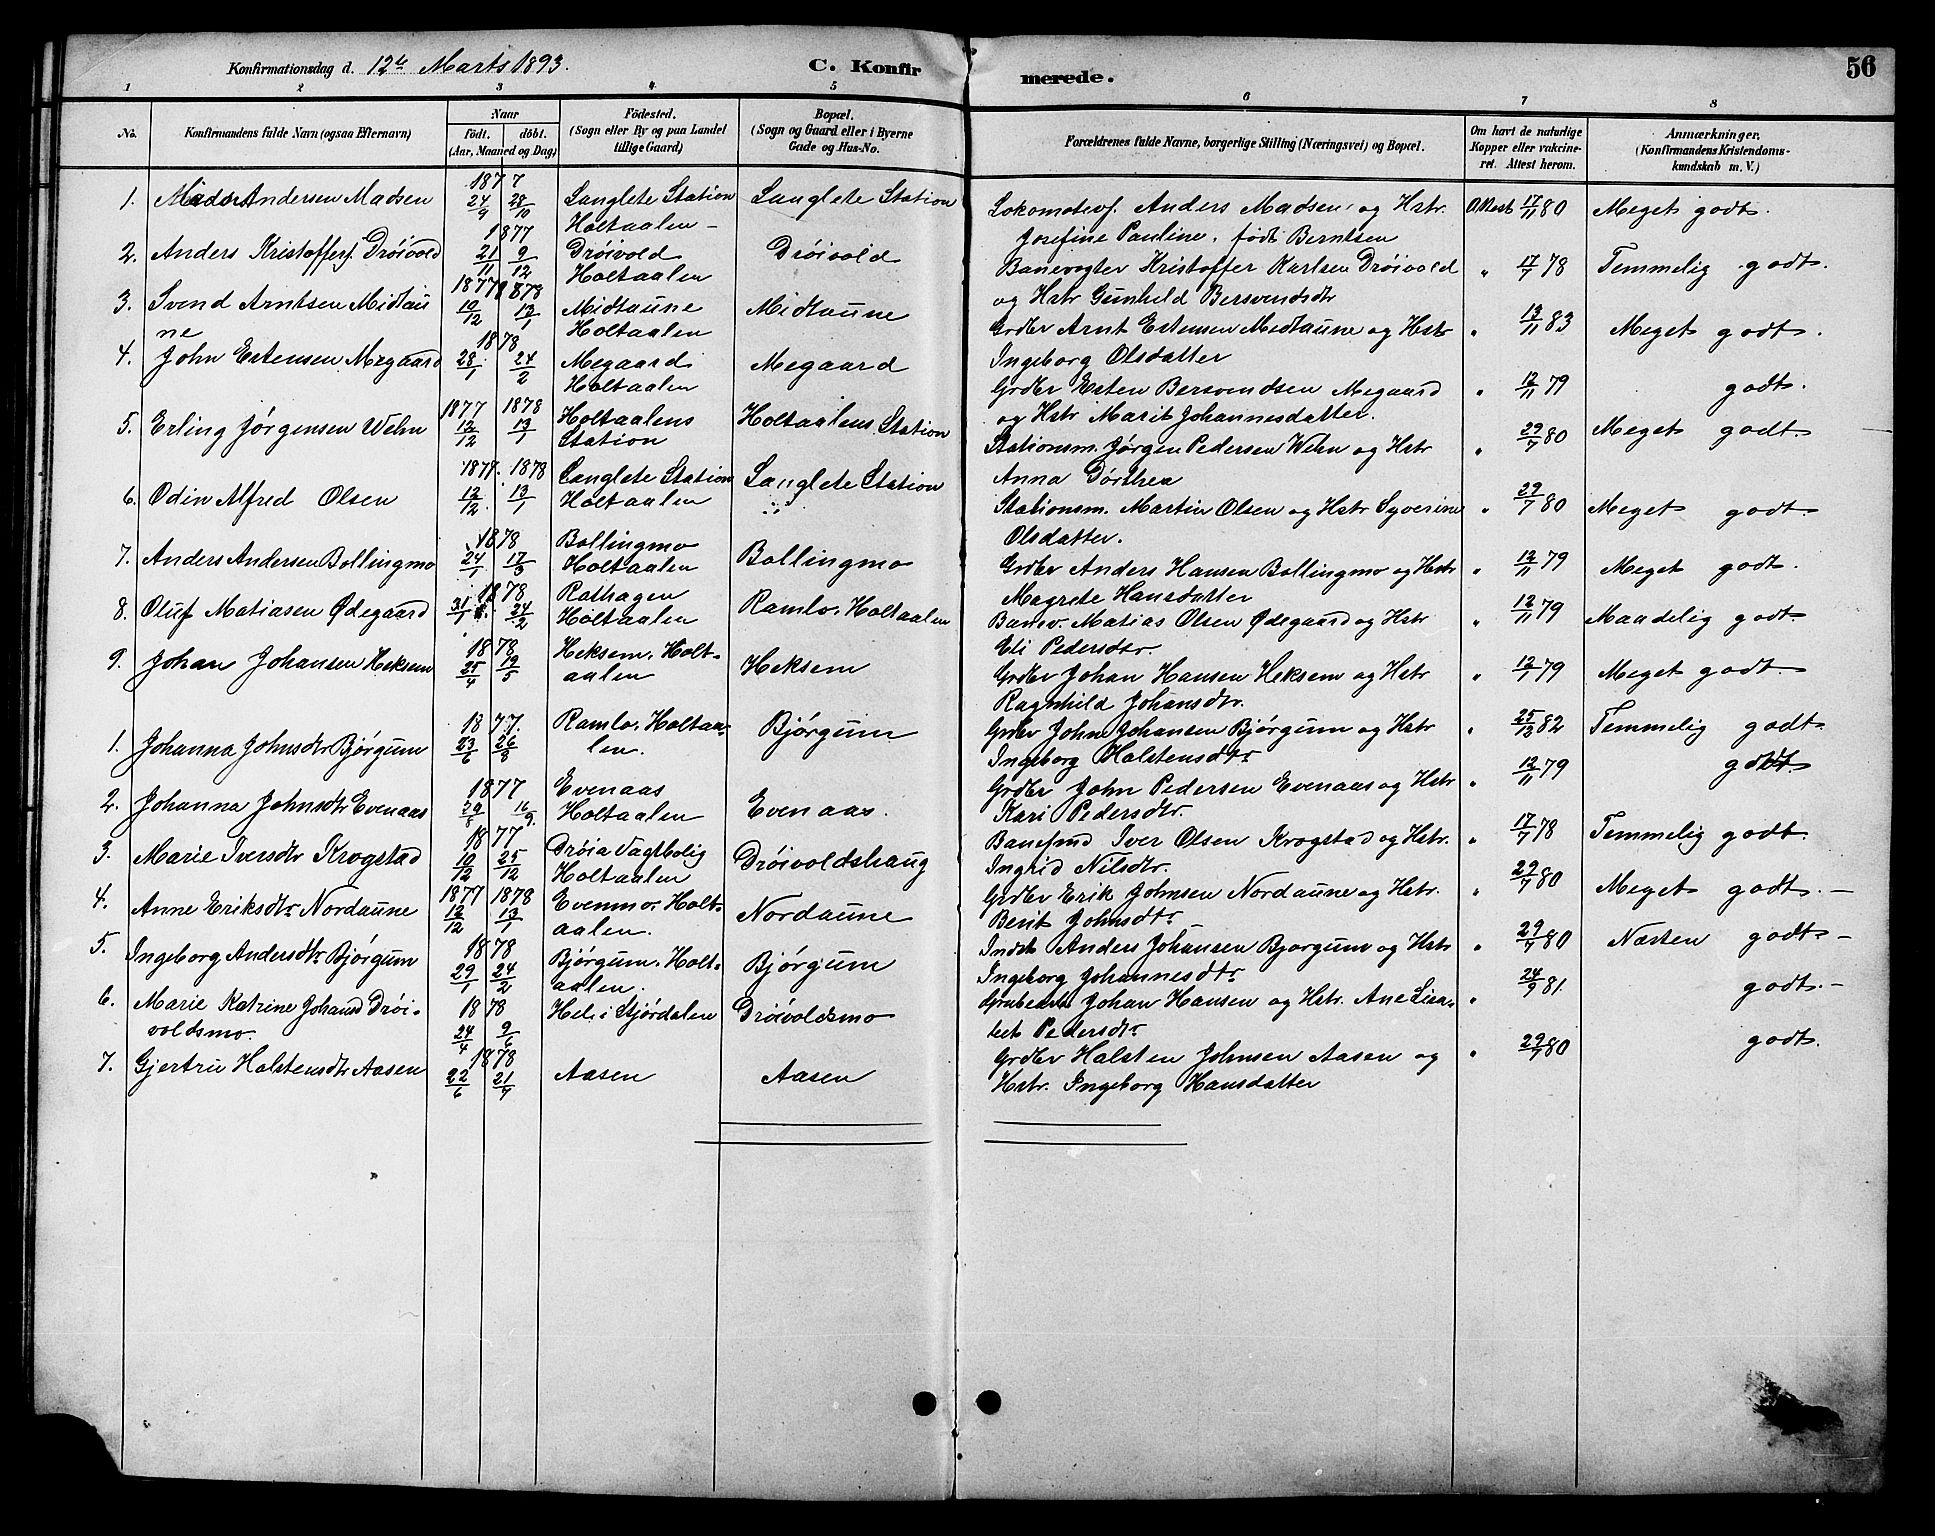 SAT, Ministerialprotokoller, klokkerbøker og fødselsregistre - Sør-Trøndelag, 685/L0978: Klokkerbok nr. 685C03, 1891-1907, s. 56